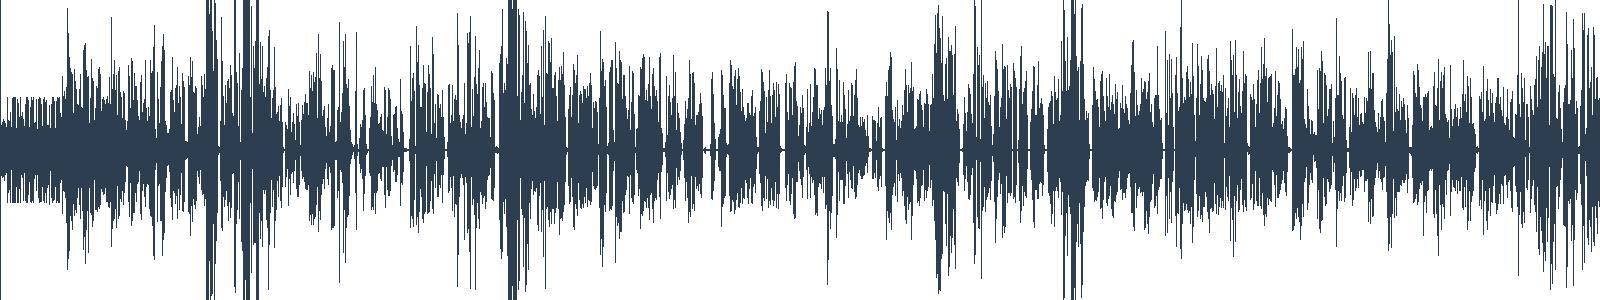 Audinovinky 37 - Jedna novinka za druhou waveform